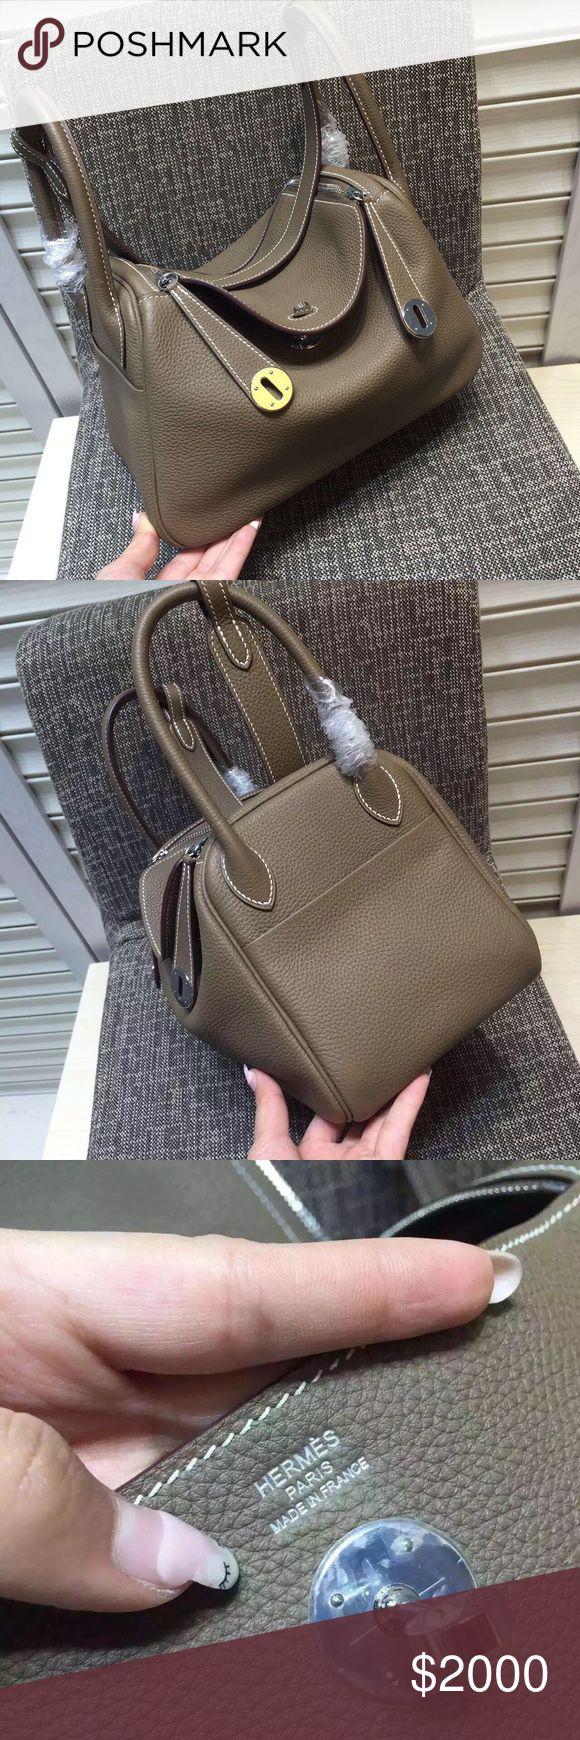 Hermes Lindy 26 Color: étoupe Bags Satchels